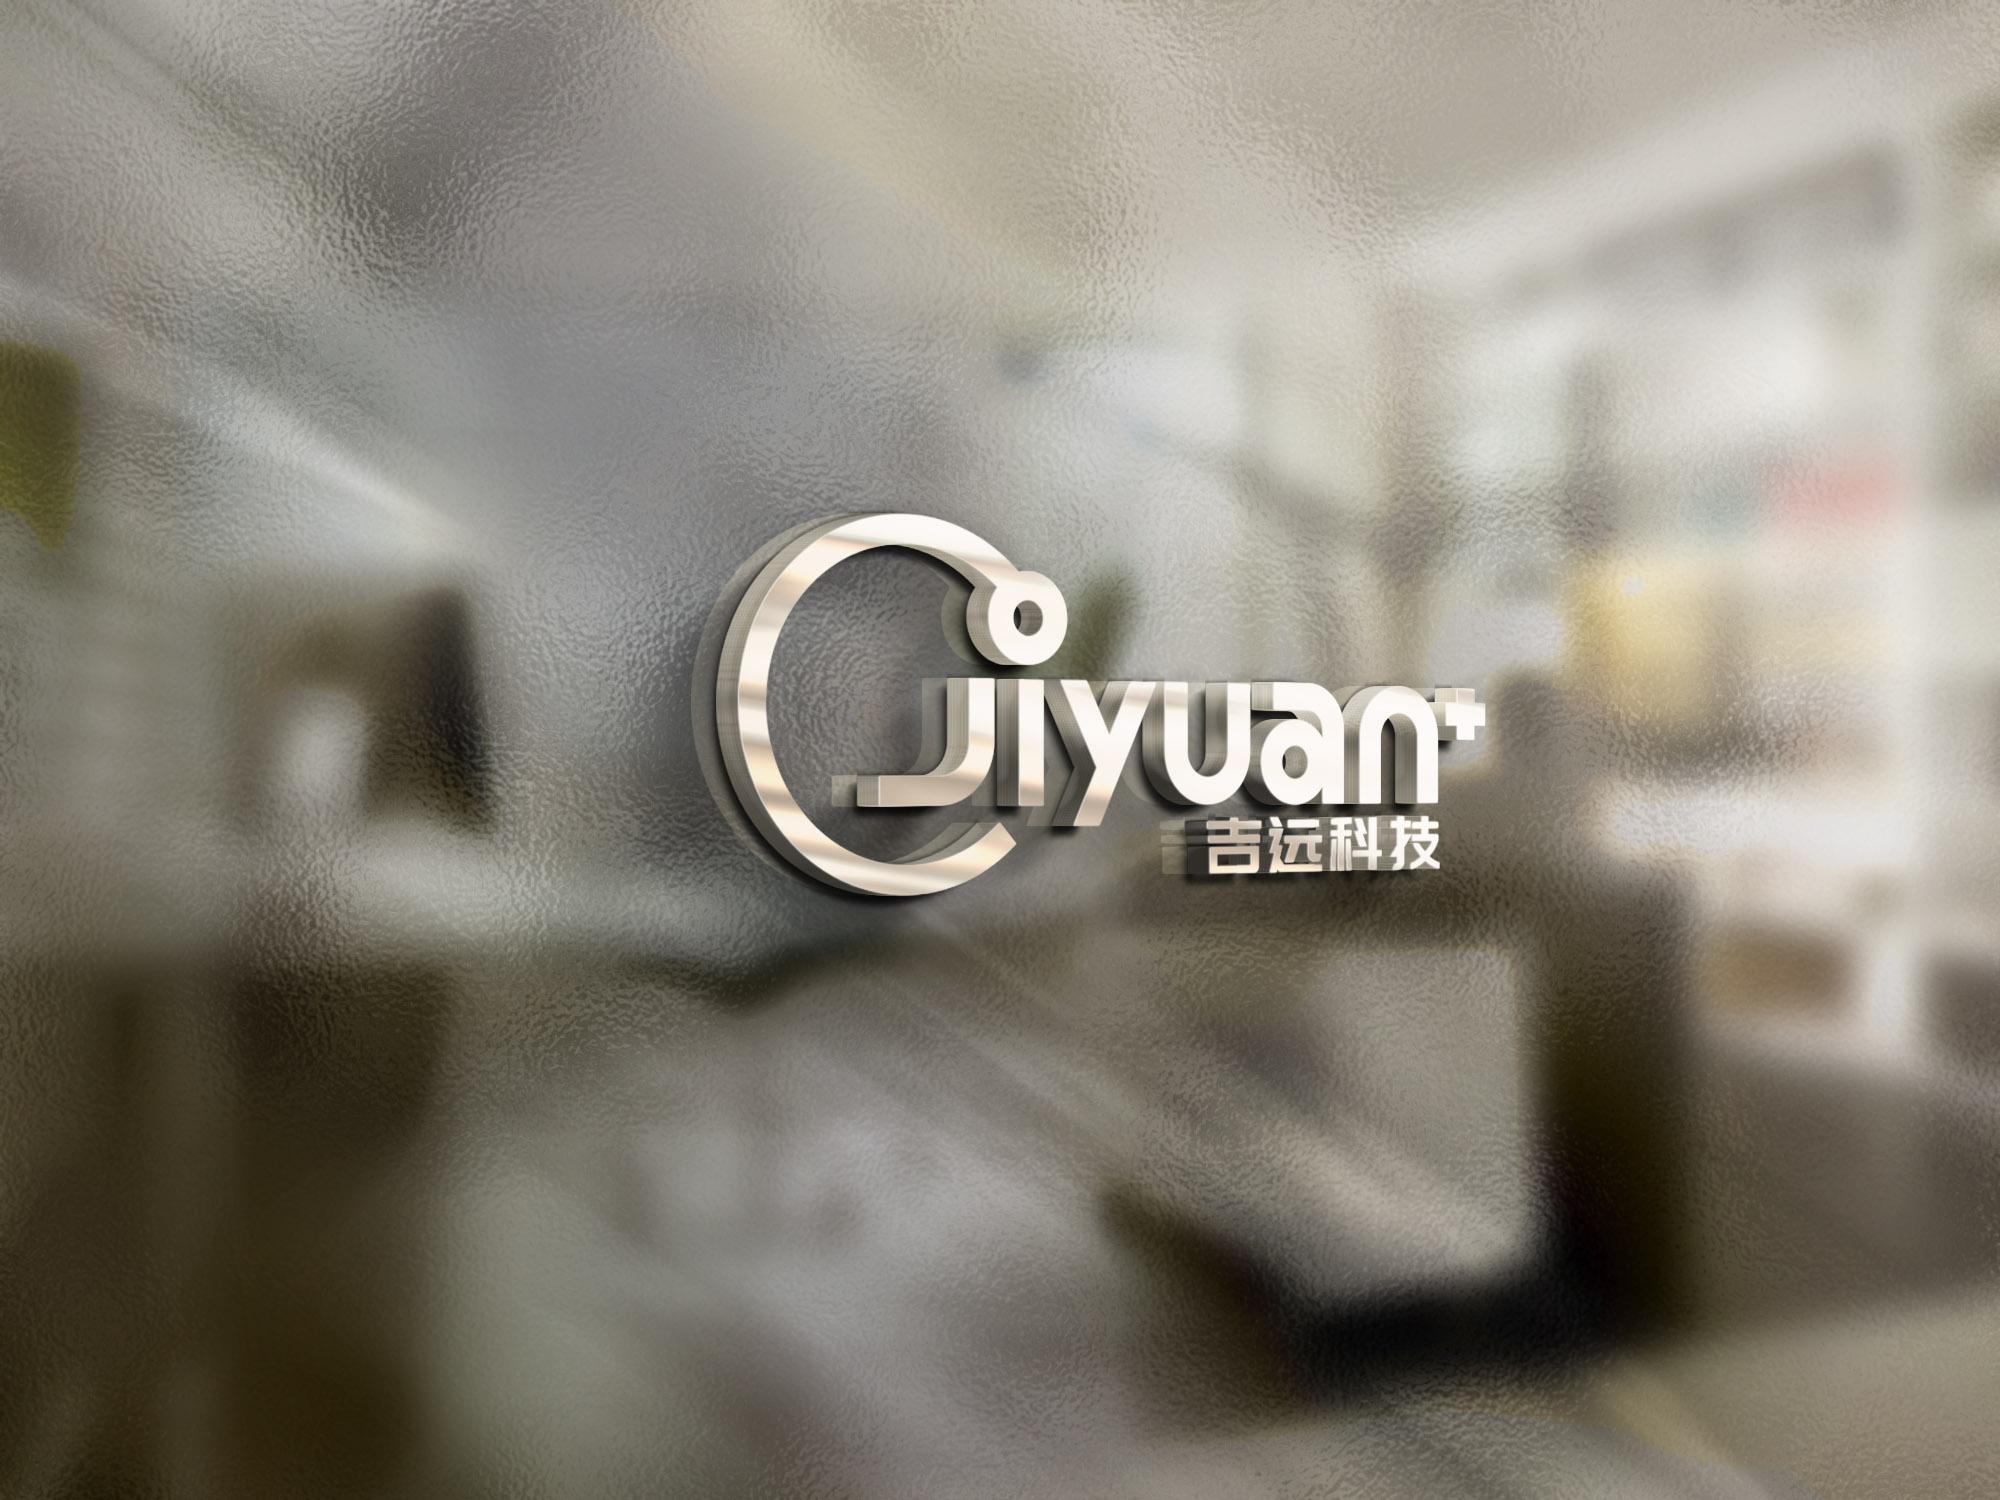 智能硬件公司Logo设计_2963257_k68威客网